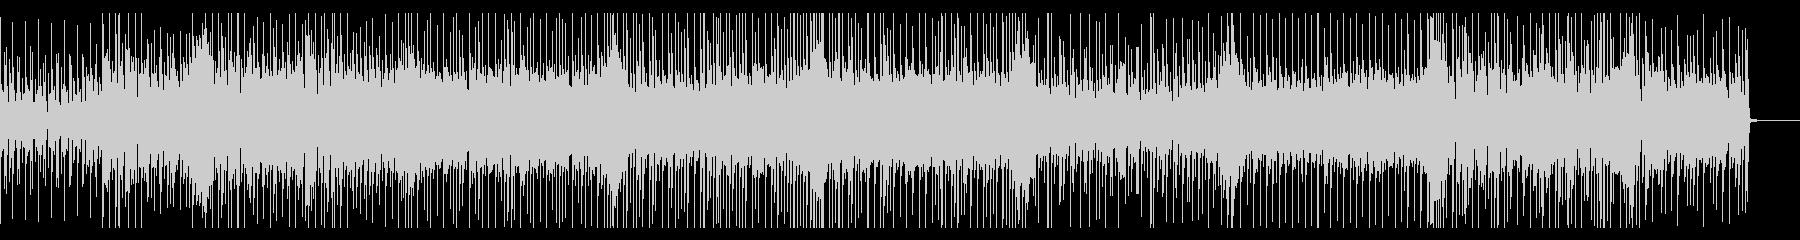 明るく軽快なリズムのポップスの未再生の波形